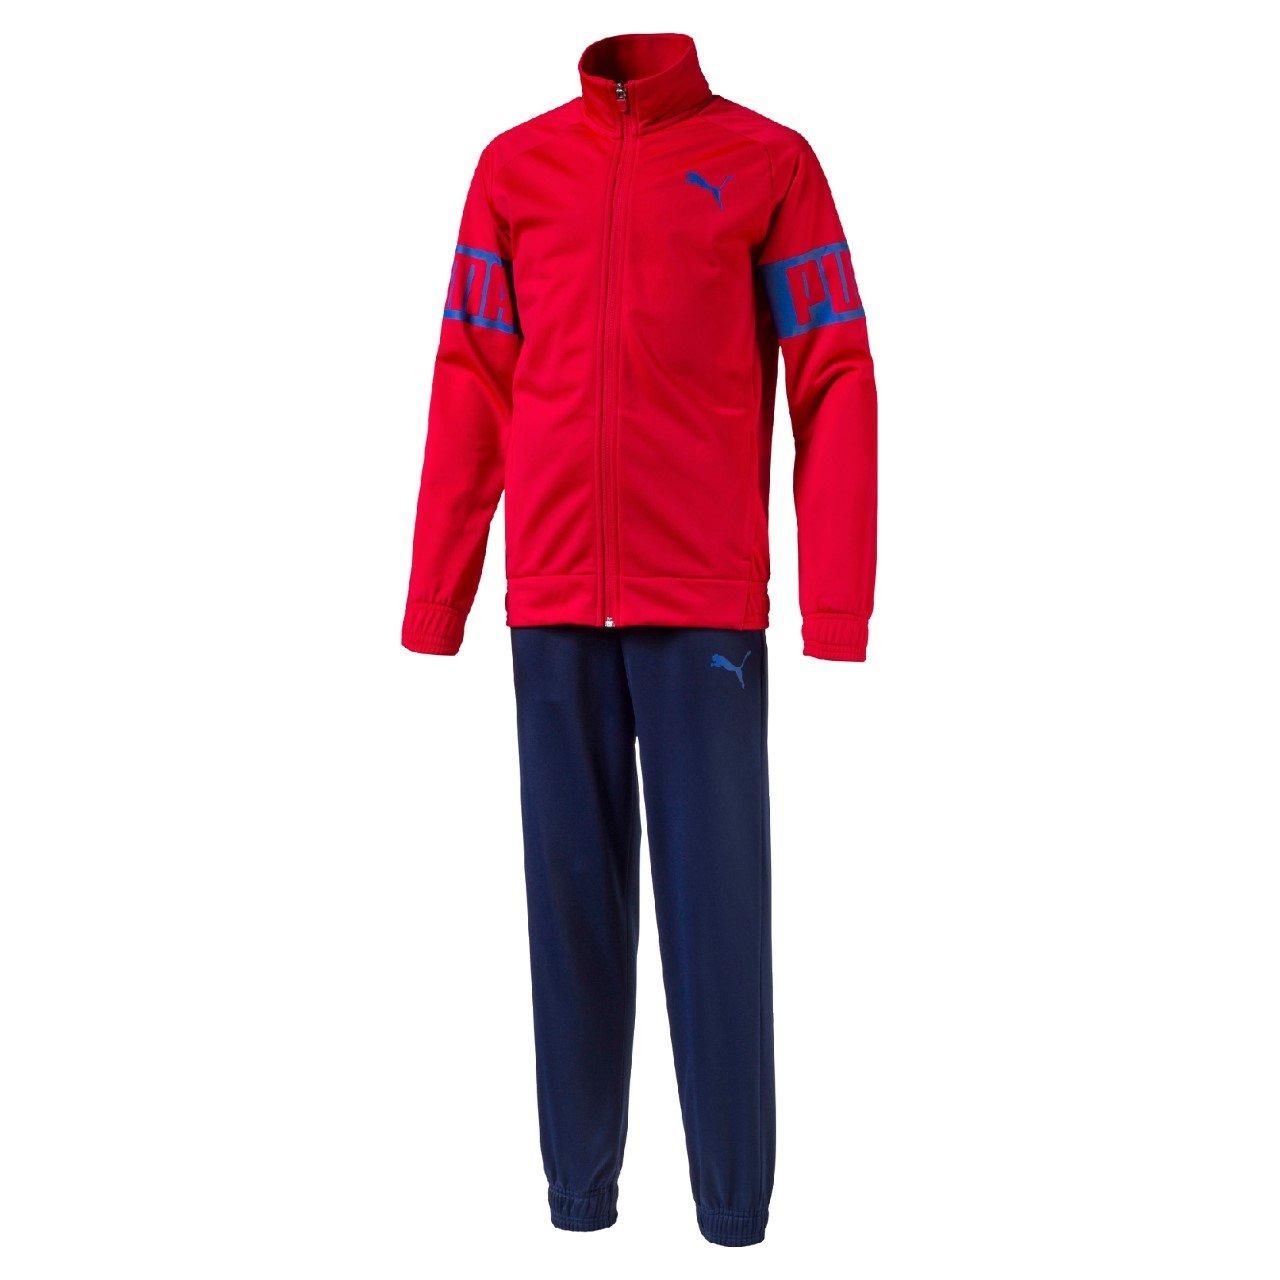 PUMA Chándal Junior Rebel Suit Rojo 14 A: Amazon.es: Ropa y accesorios